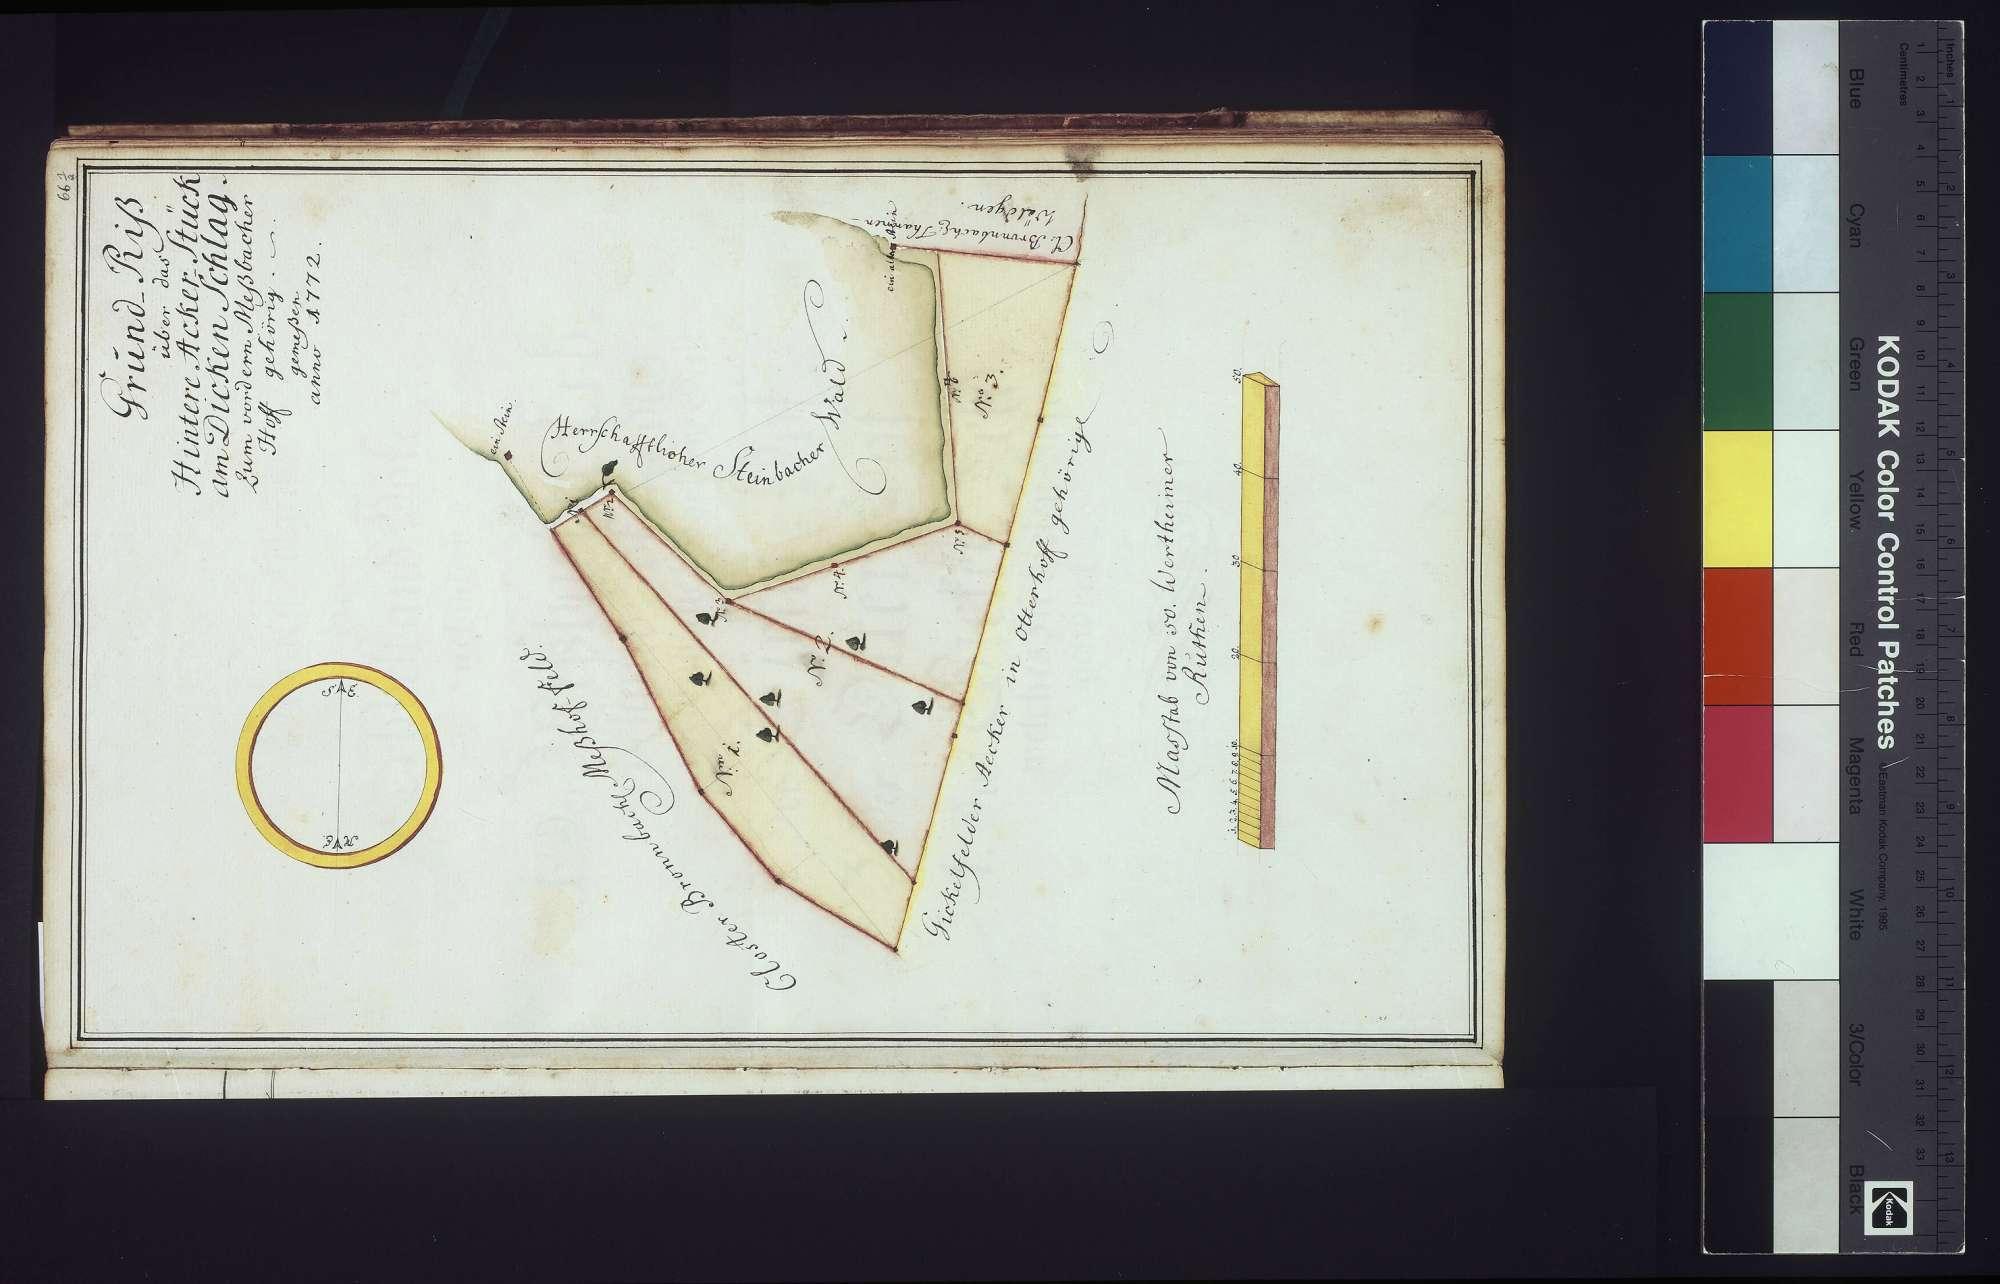 Lager- und Gültbuch über den Meßbacherhof (Meßhof), Gickelhof und Otterhof nebst beigefügter Beschreibung über derselben Absteinung, Bild 1